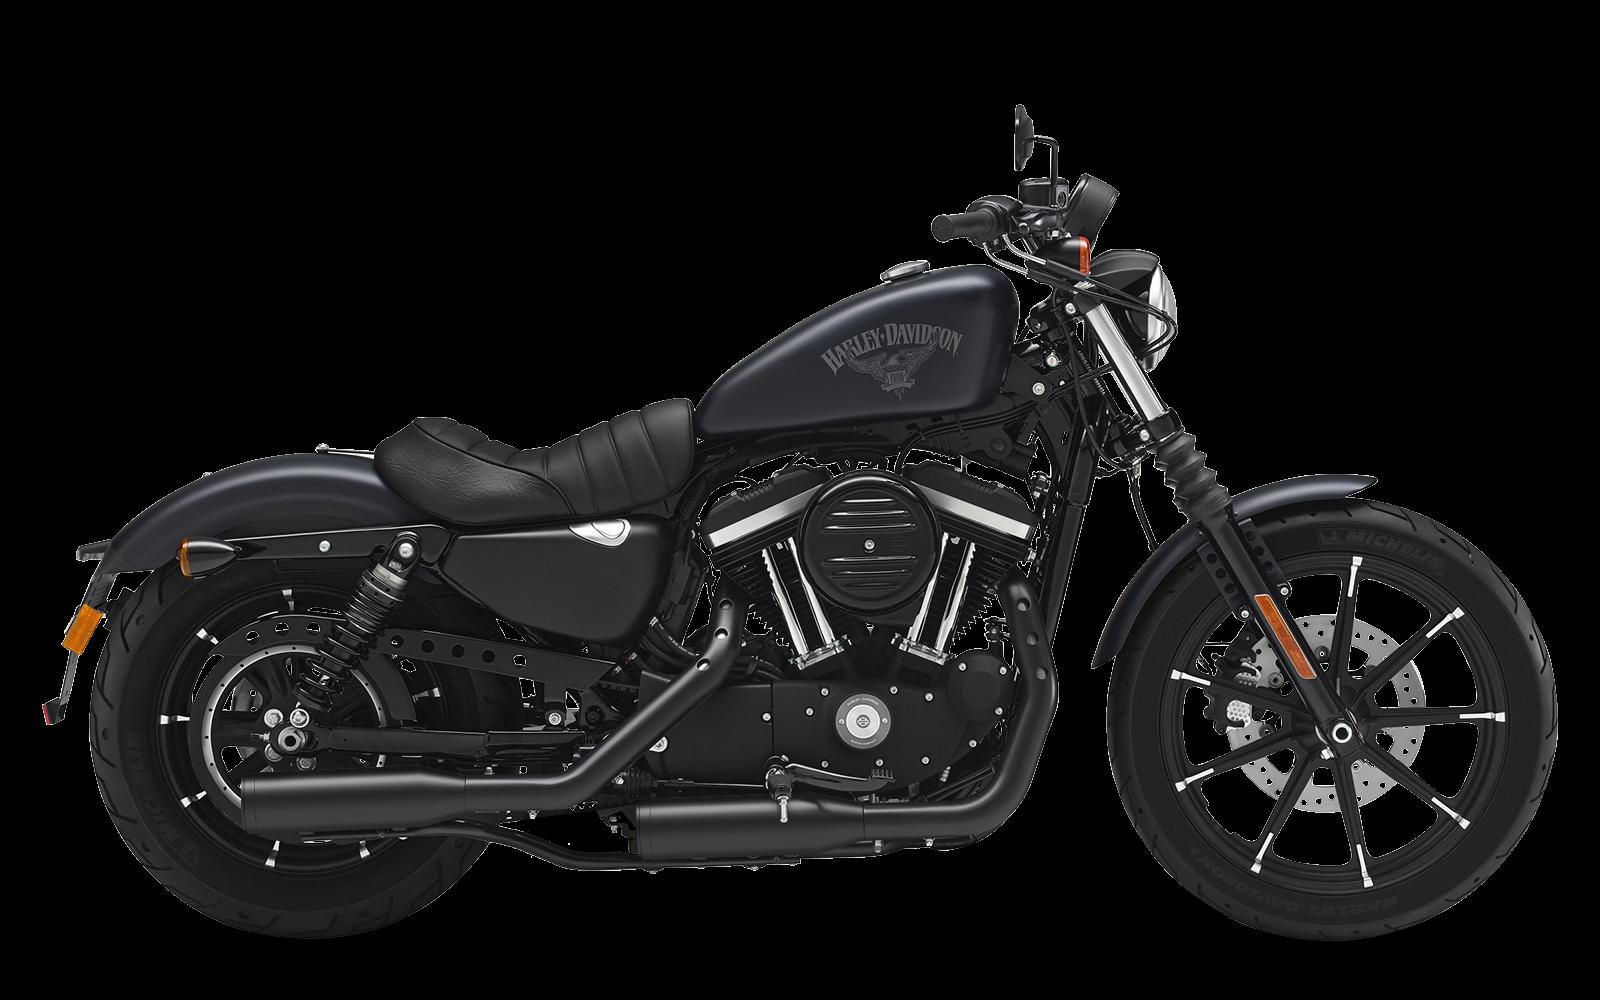 Sportster - Iron 1200 - XL - 2018-2020 - Slipons